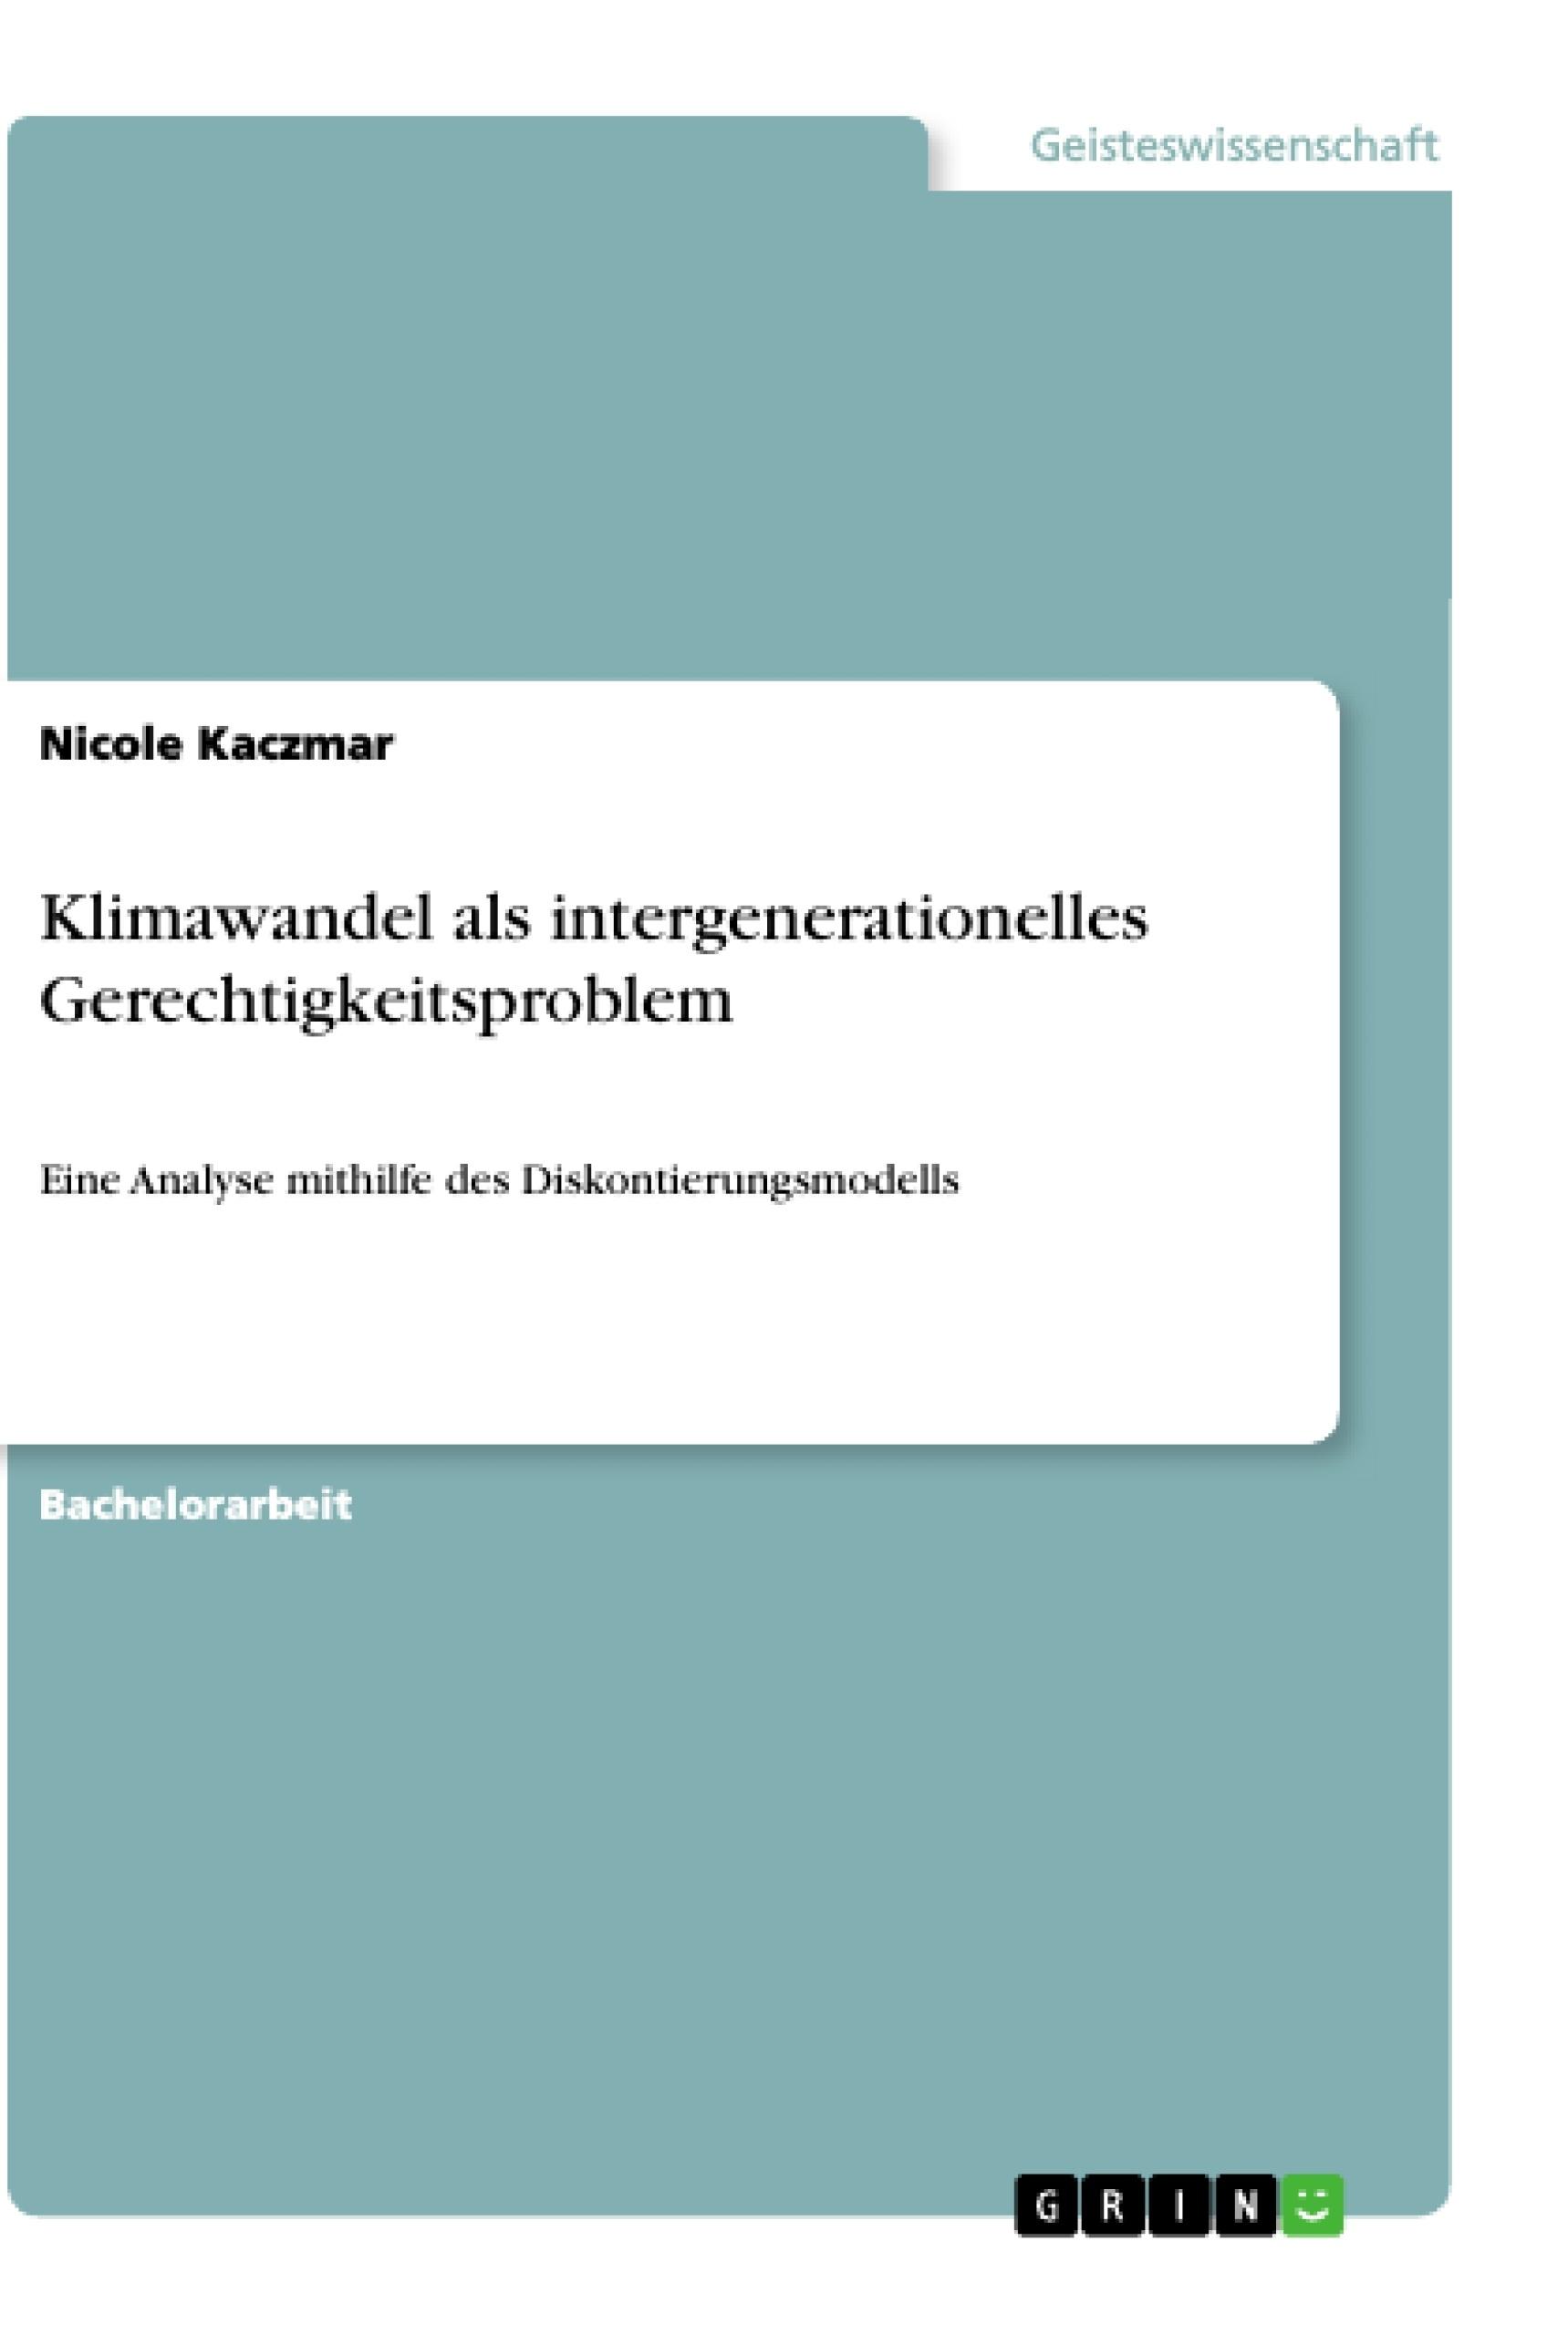 Titel: Klimawandel als intergenerationelles Gerechtigkeitsproblem